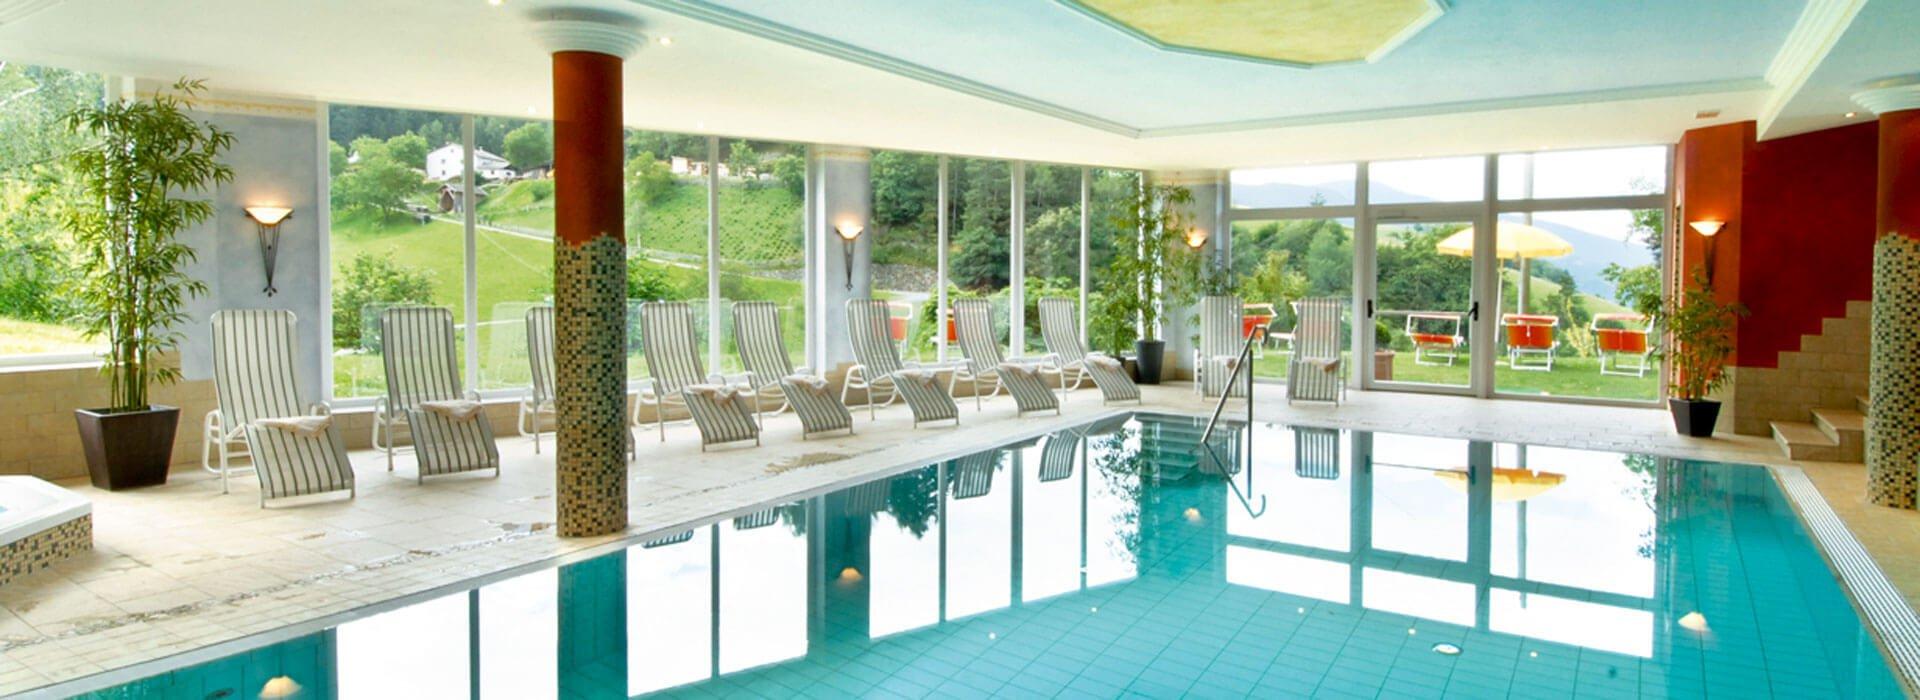 bauernhofurlaub-schwimmbad